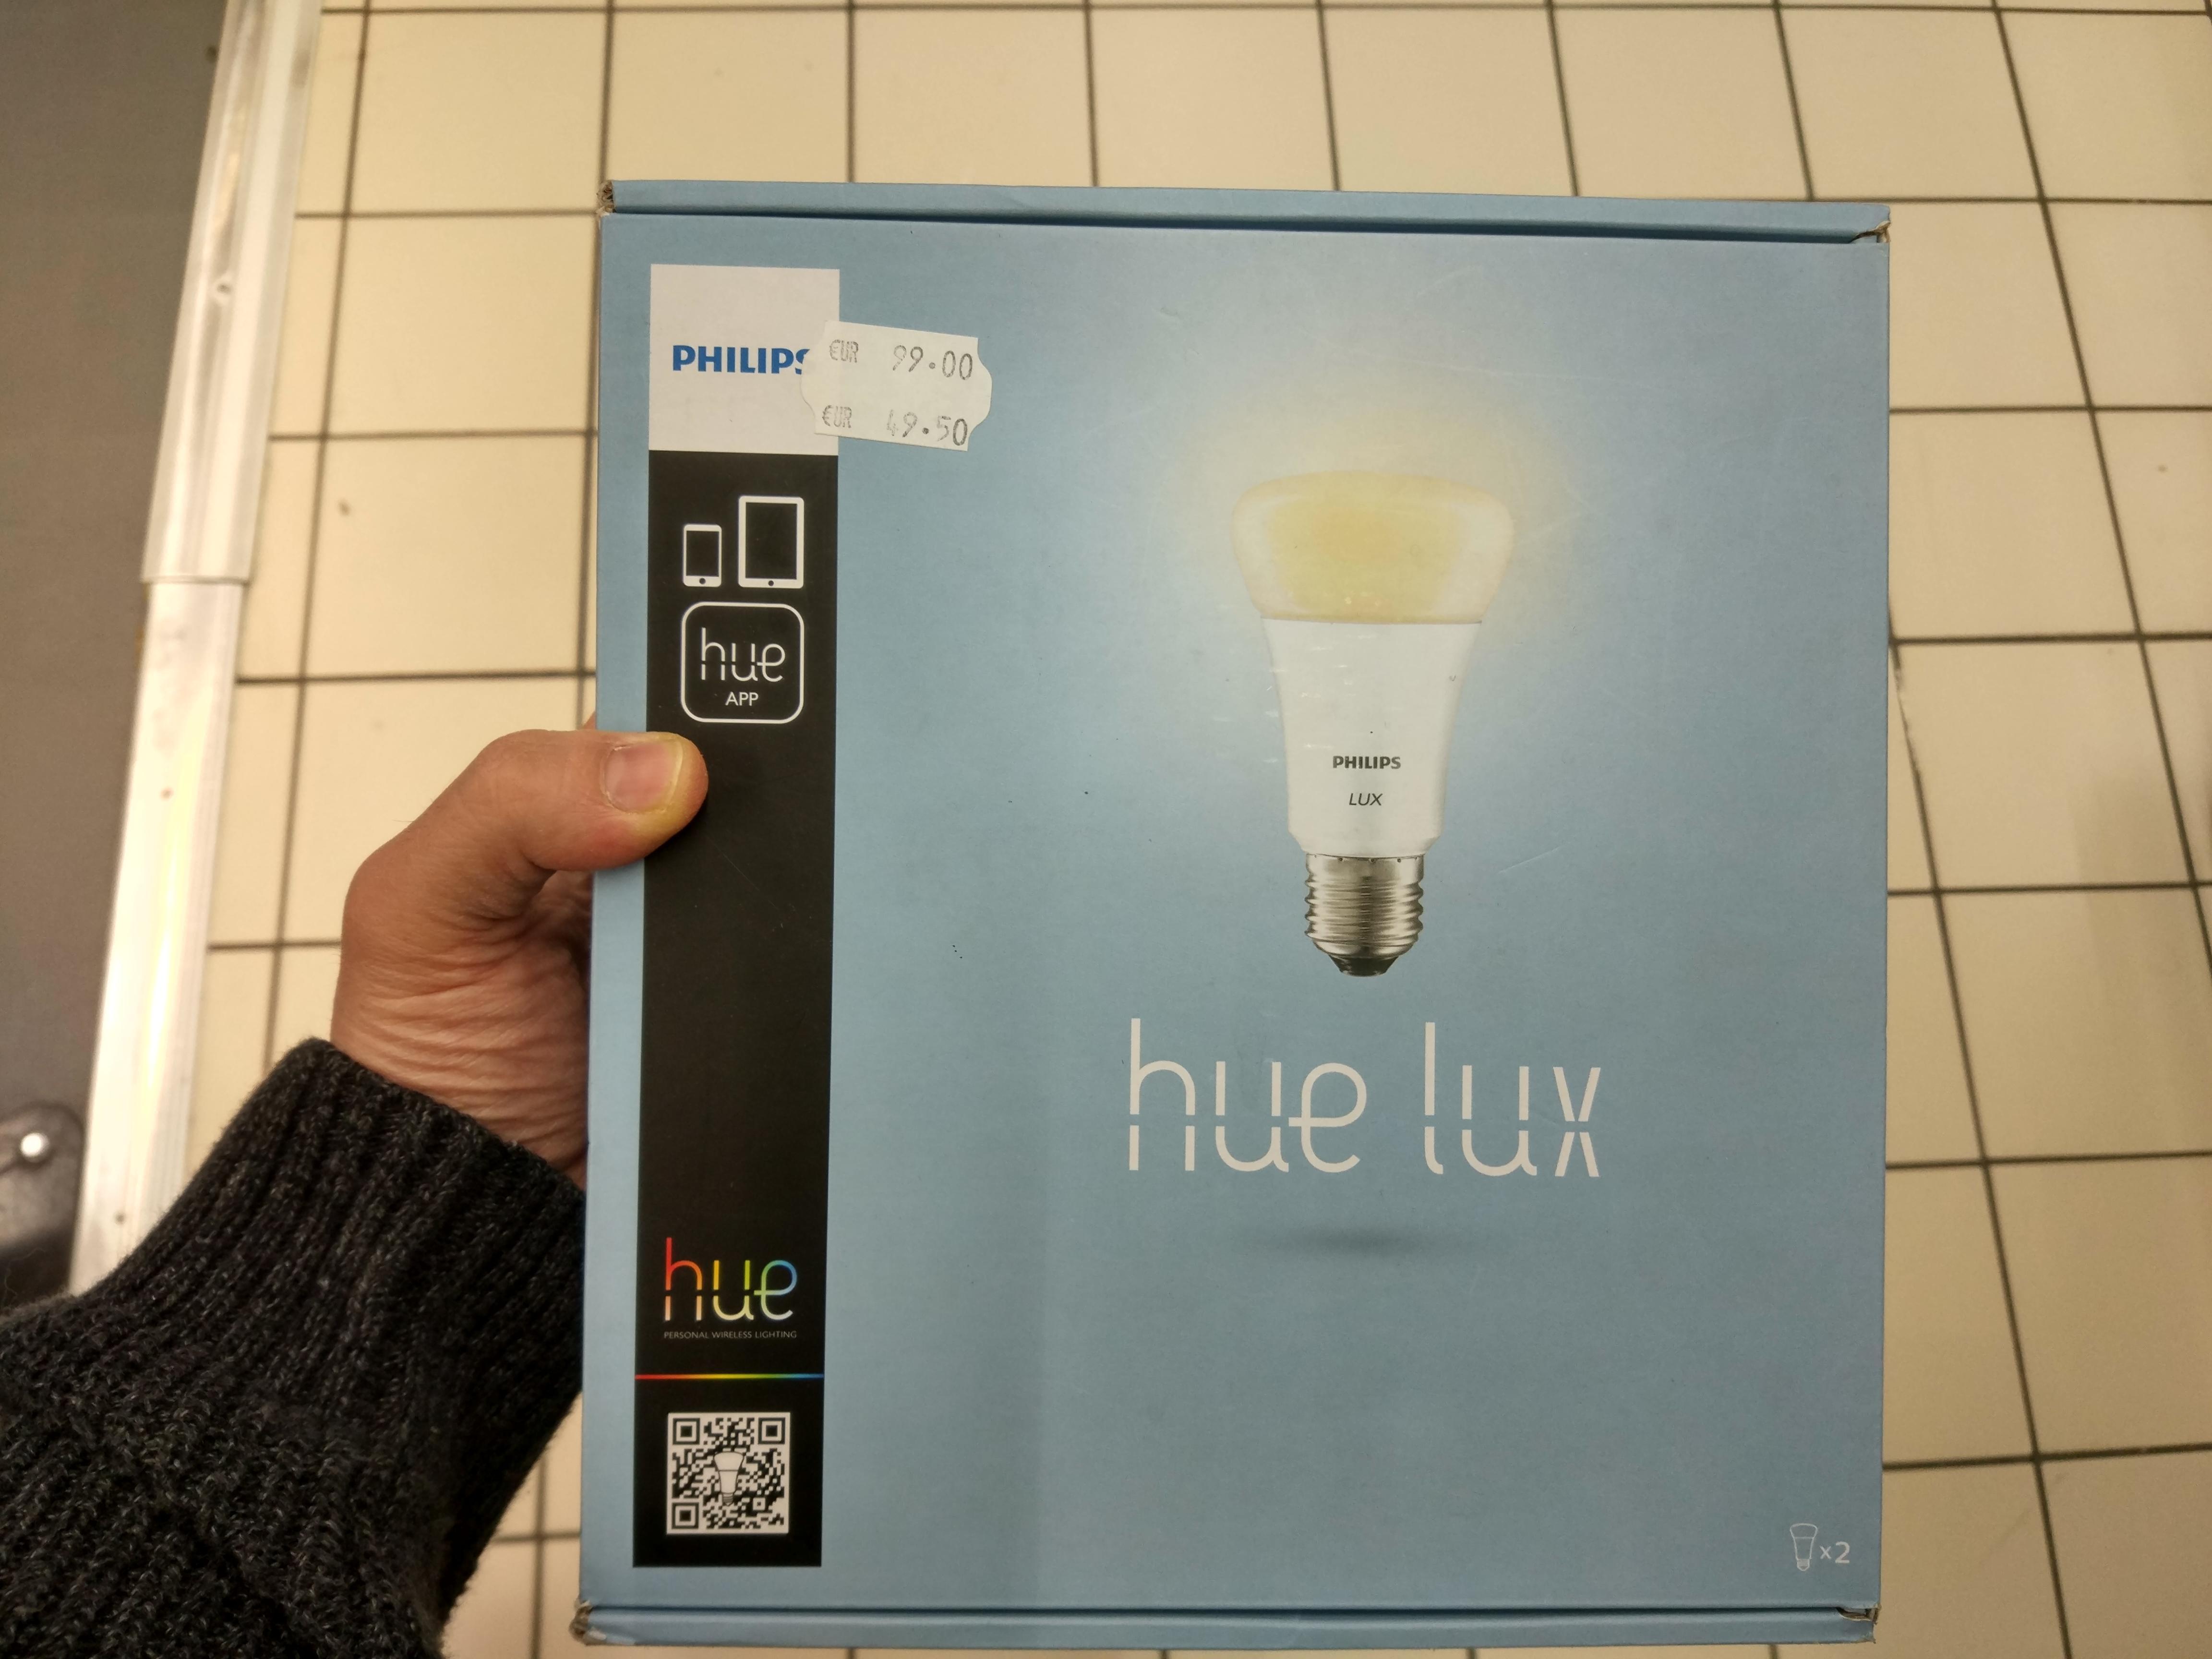 Promotion sur les articles Philips Hue - Ex: Ampoule à 14€, Kit de démarrage Philips Hue Lux